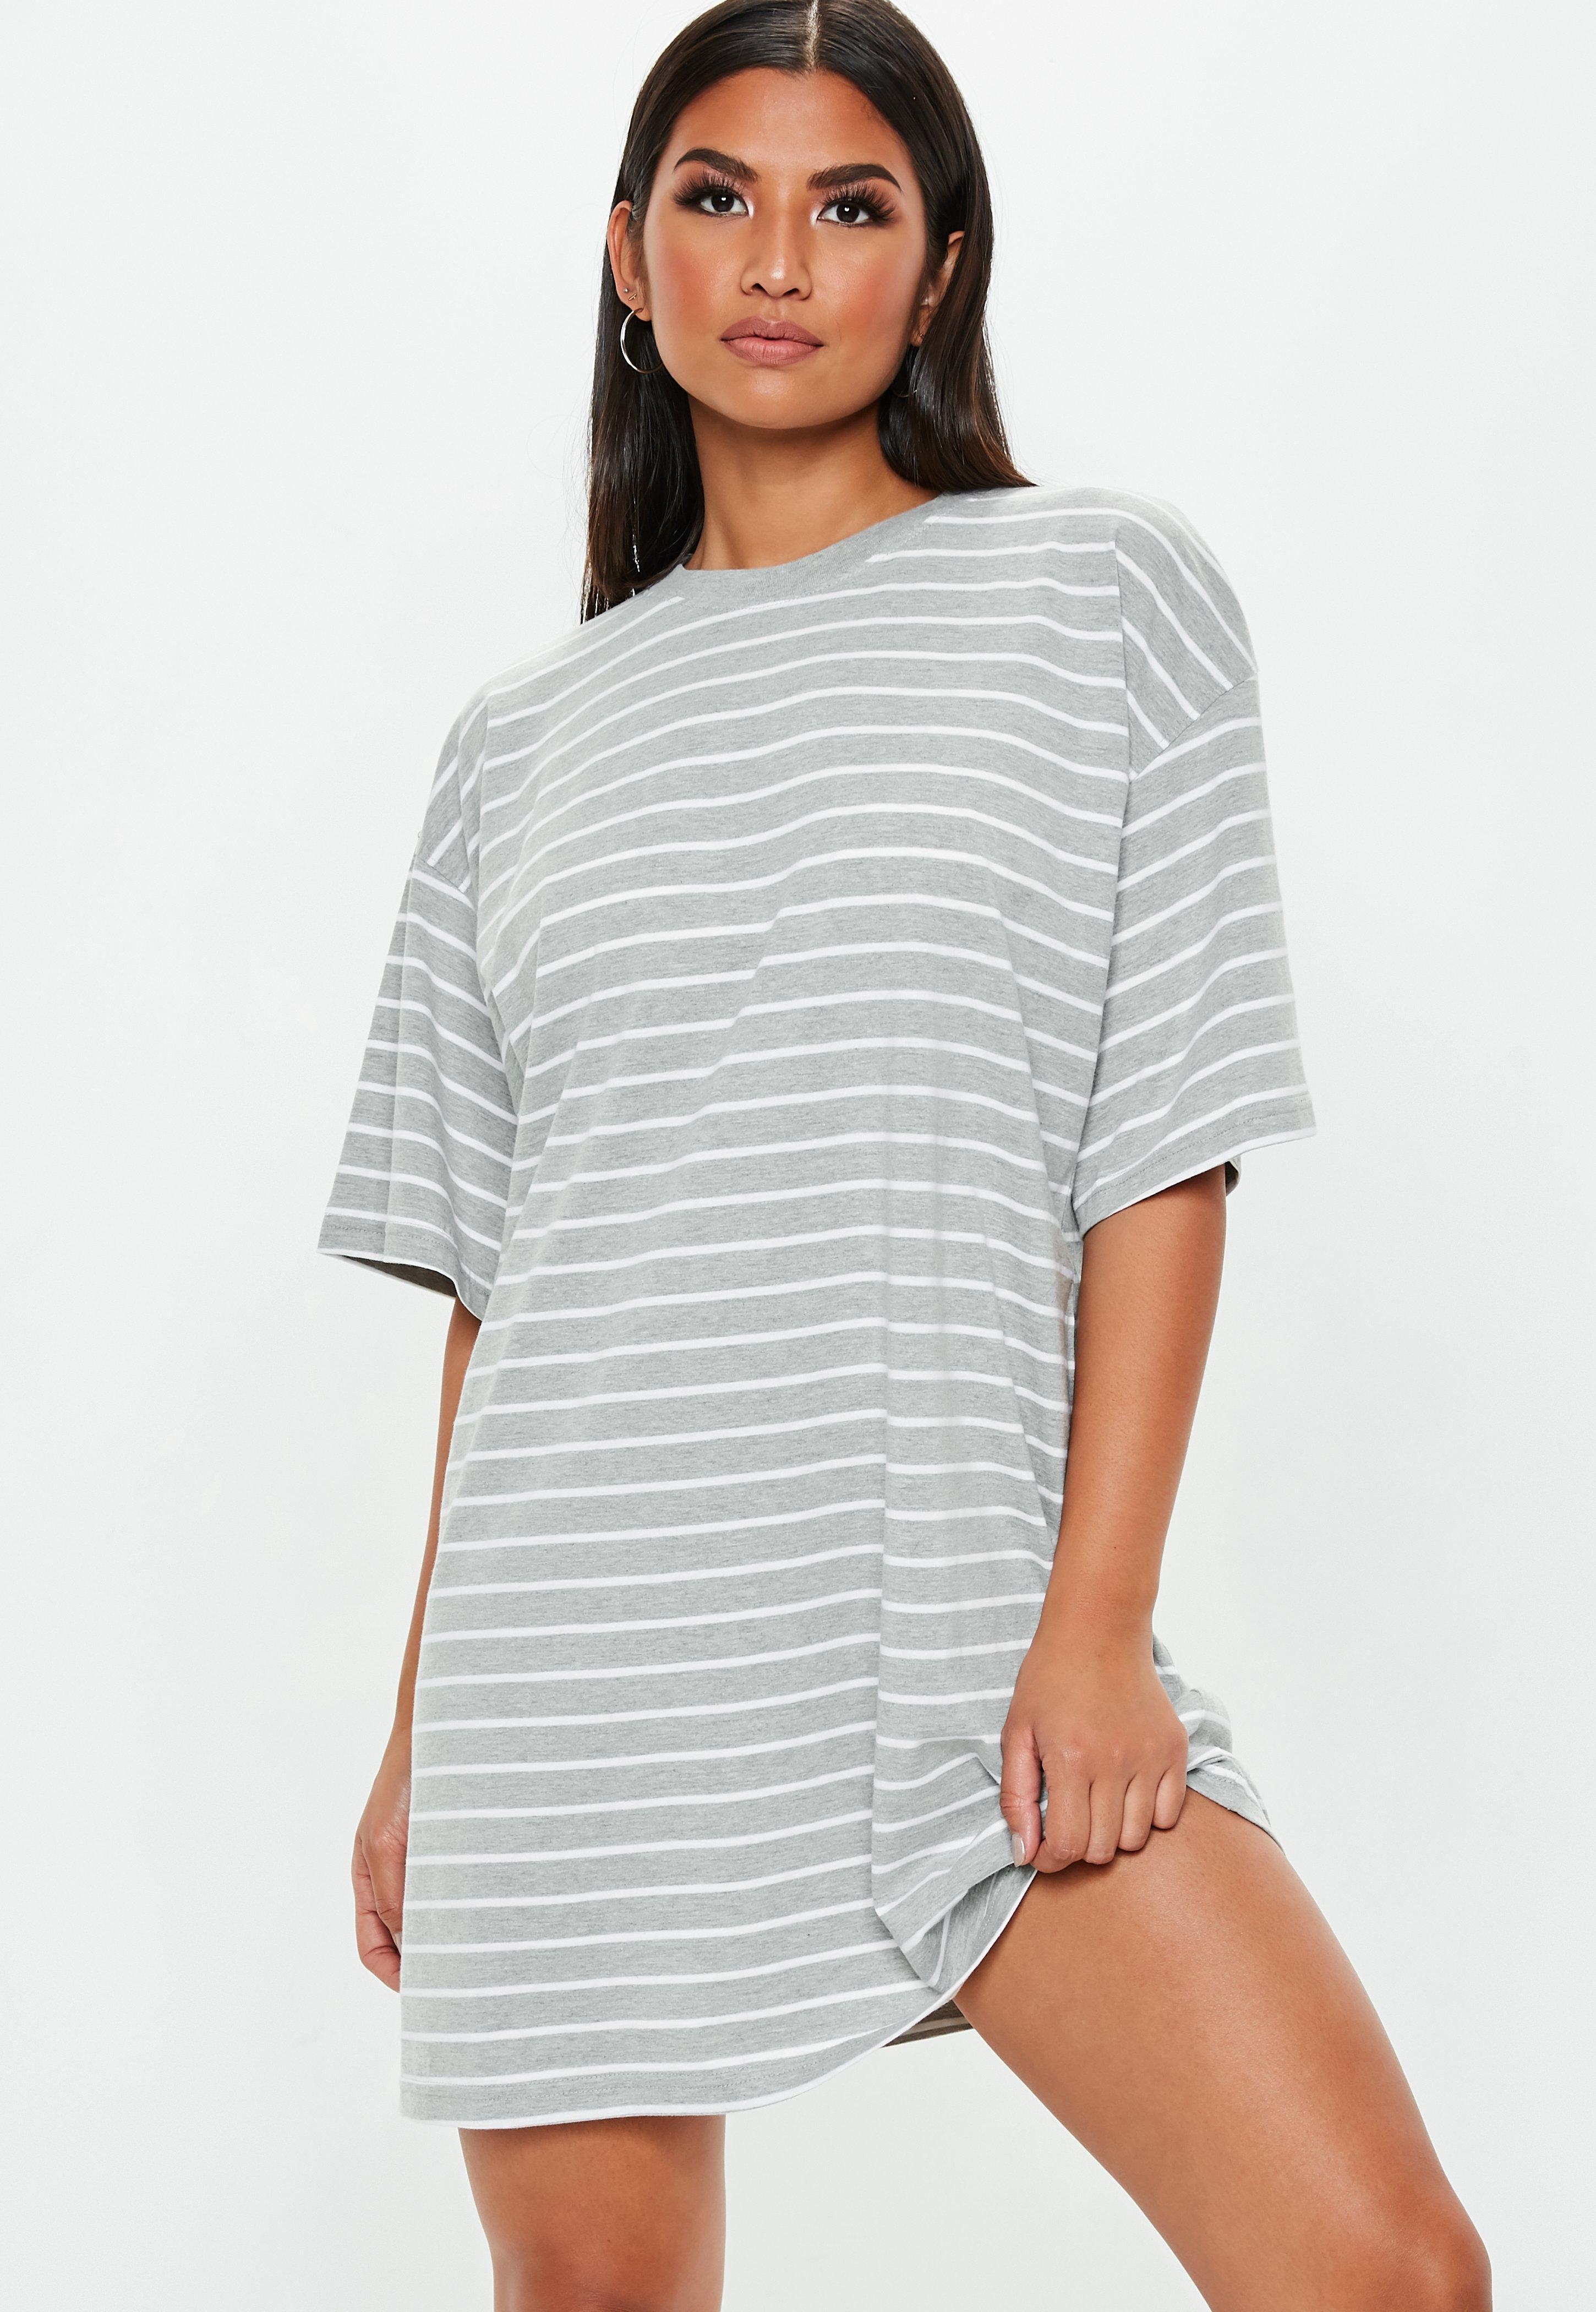 66107b9e060 T Shirt Dresses